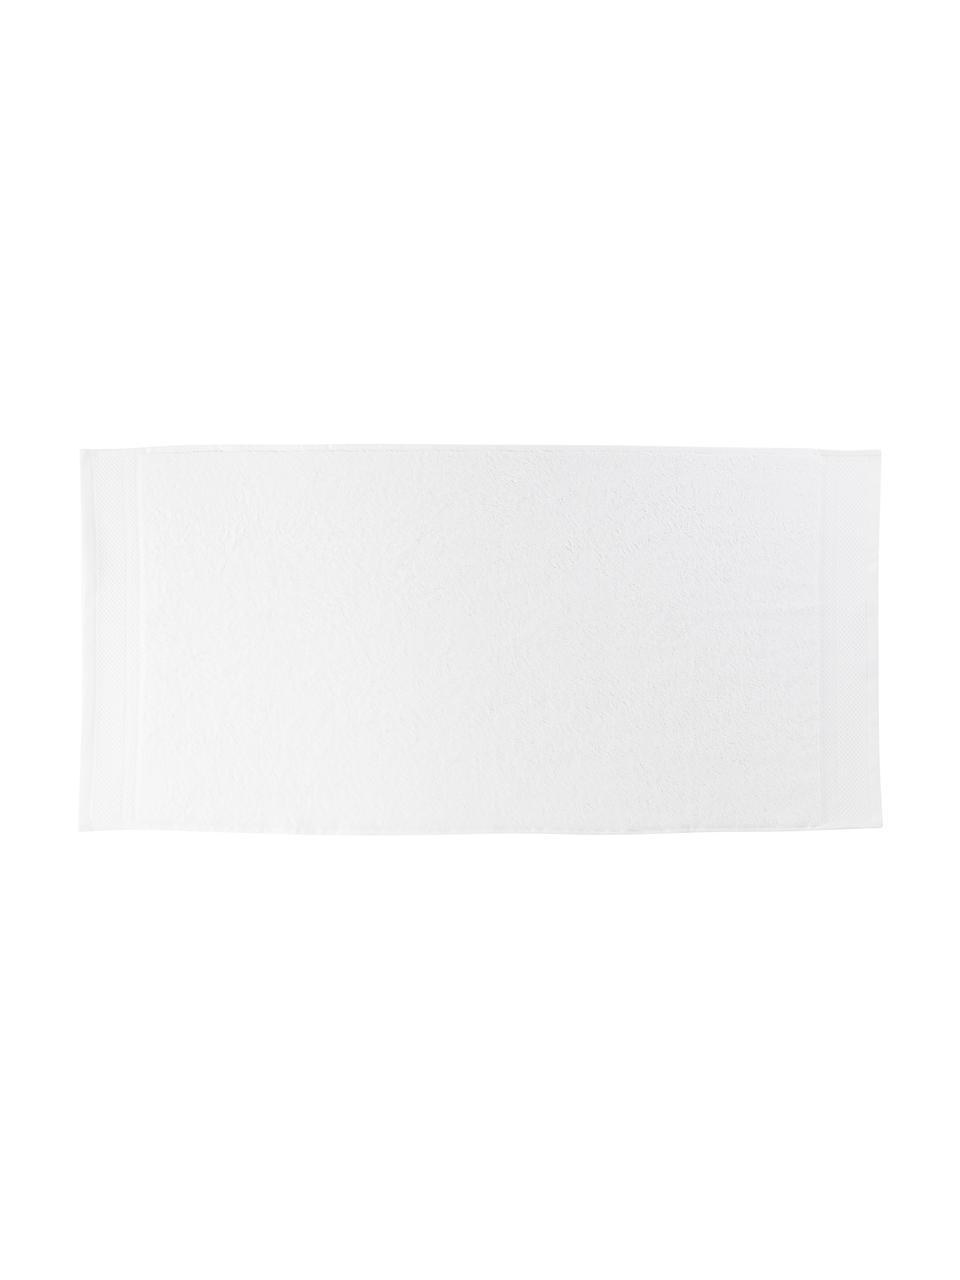 Handtuch-Set Premium mit klassischer Zierbordüre, 3-tlg., Weiß, 30 x 30 cm